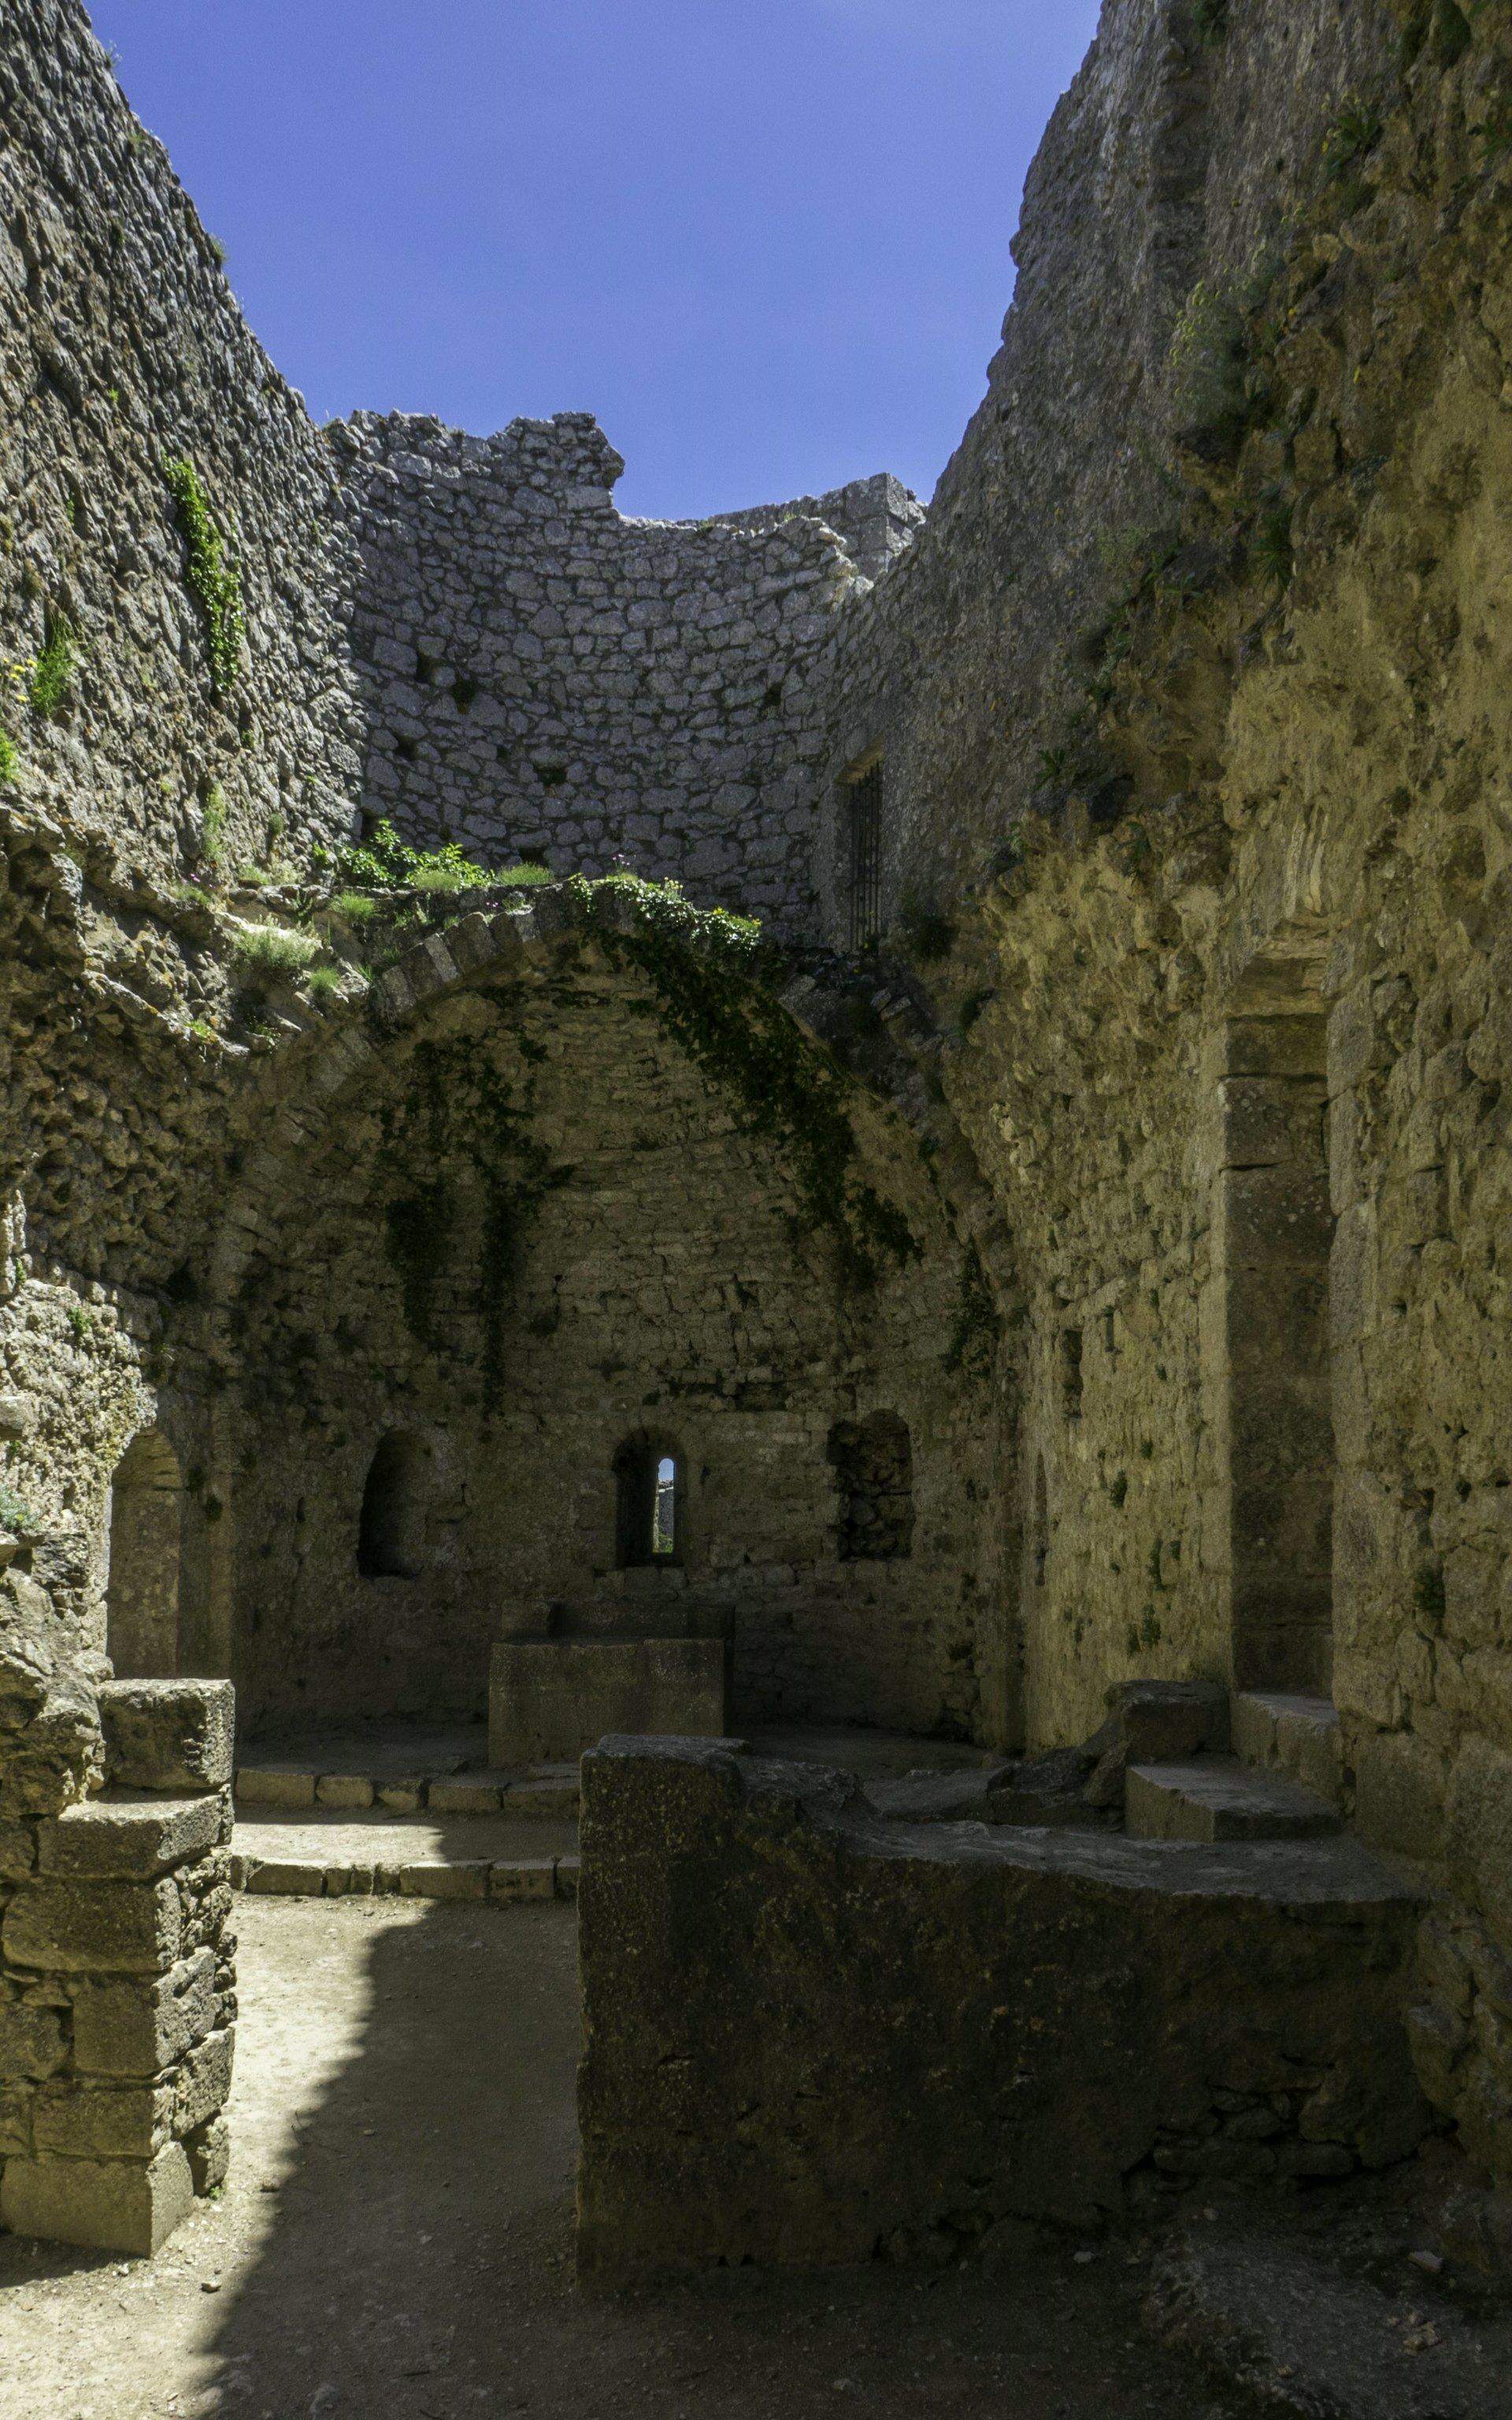 Kirche Sainte Marie im Donjon der unteren Burg vom Château de Peyrepertuse